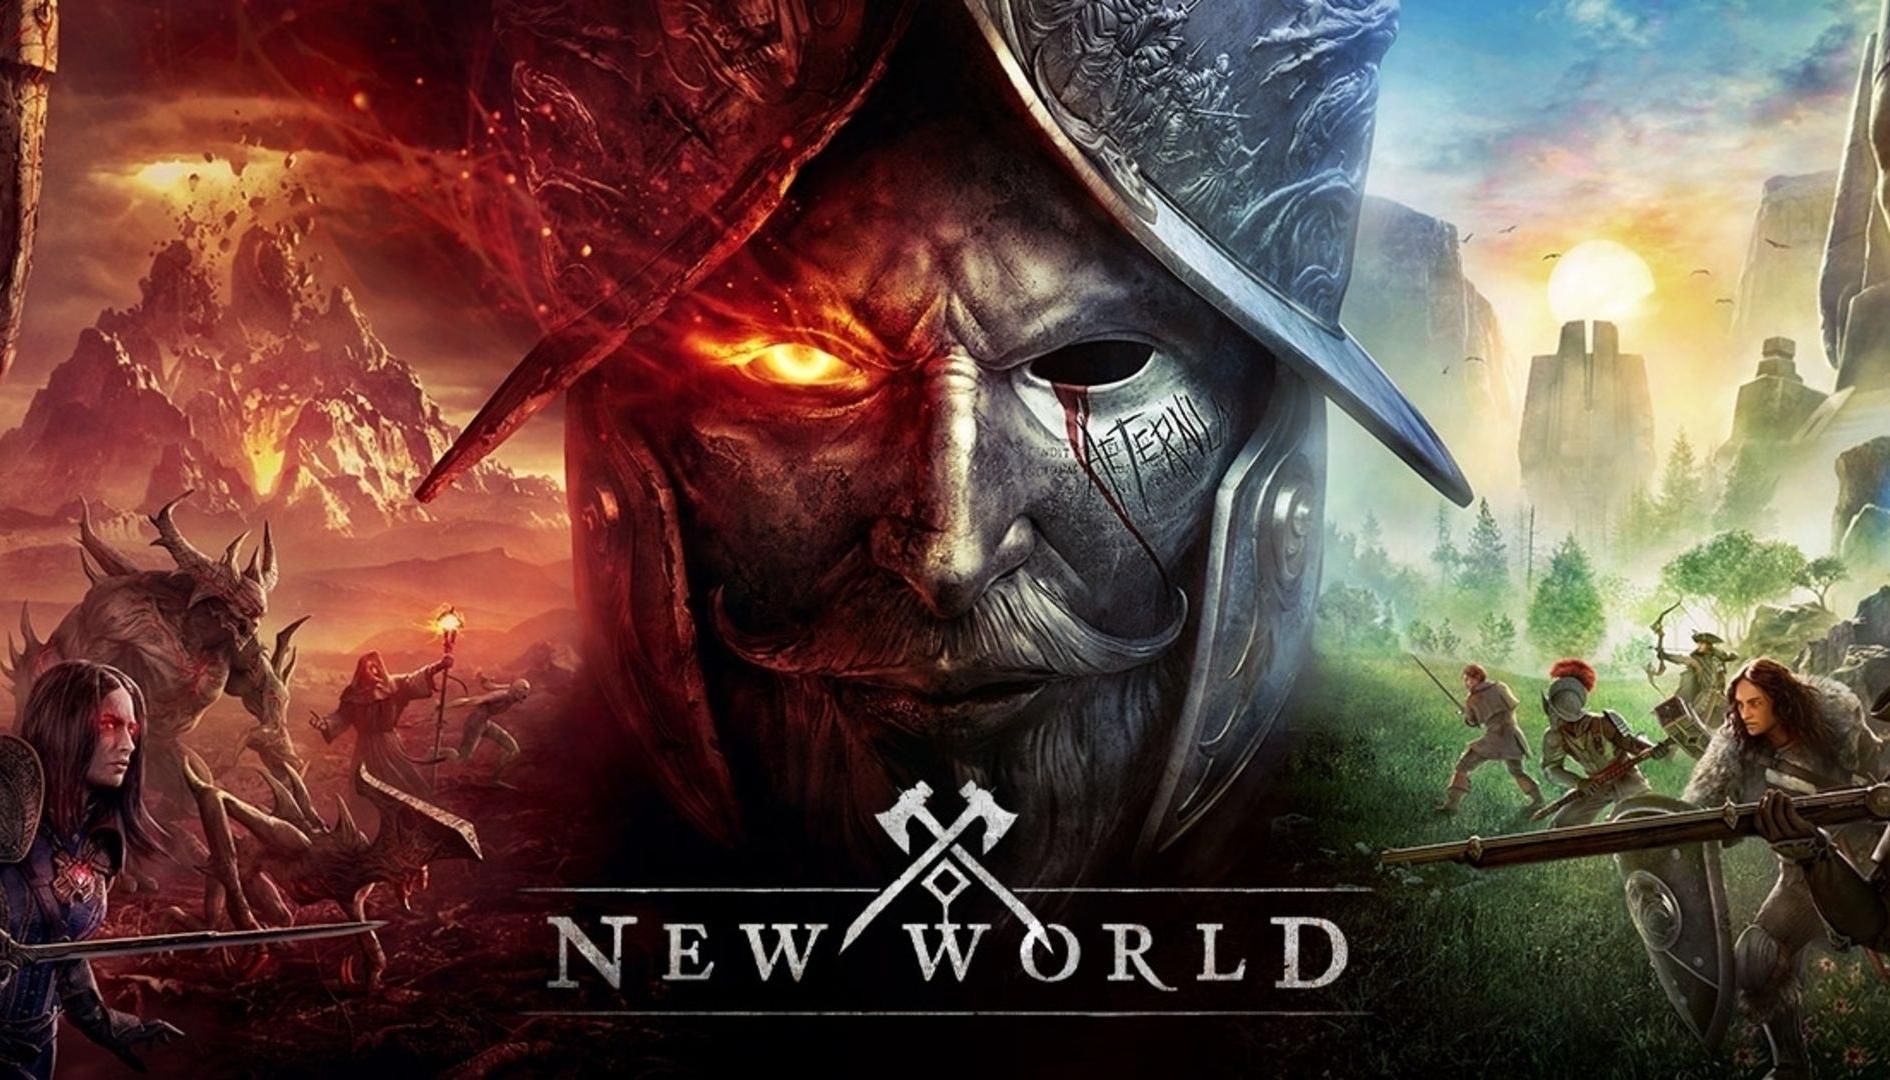 A New World manca una minimappa, così i giocatori ne creano una per i fatti loro